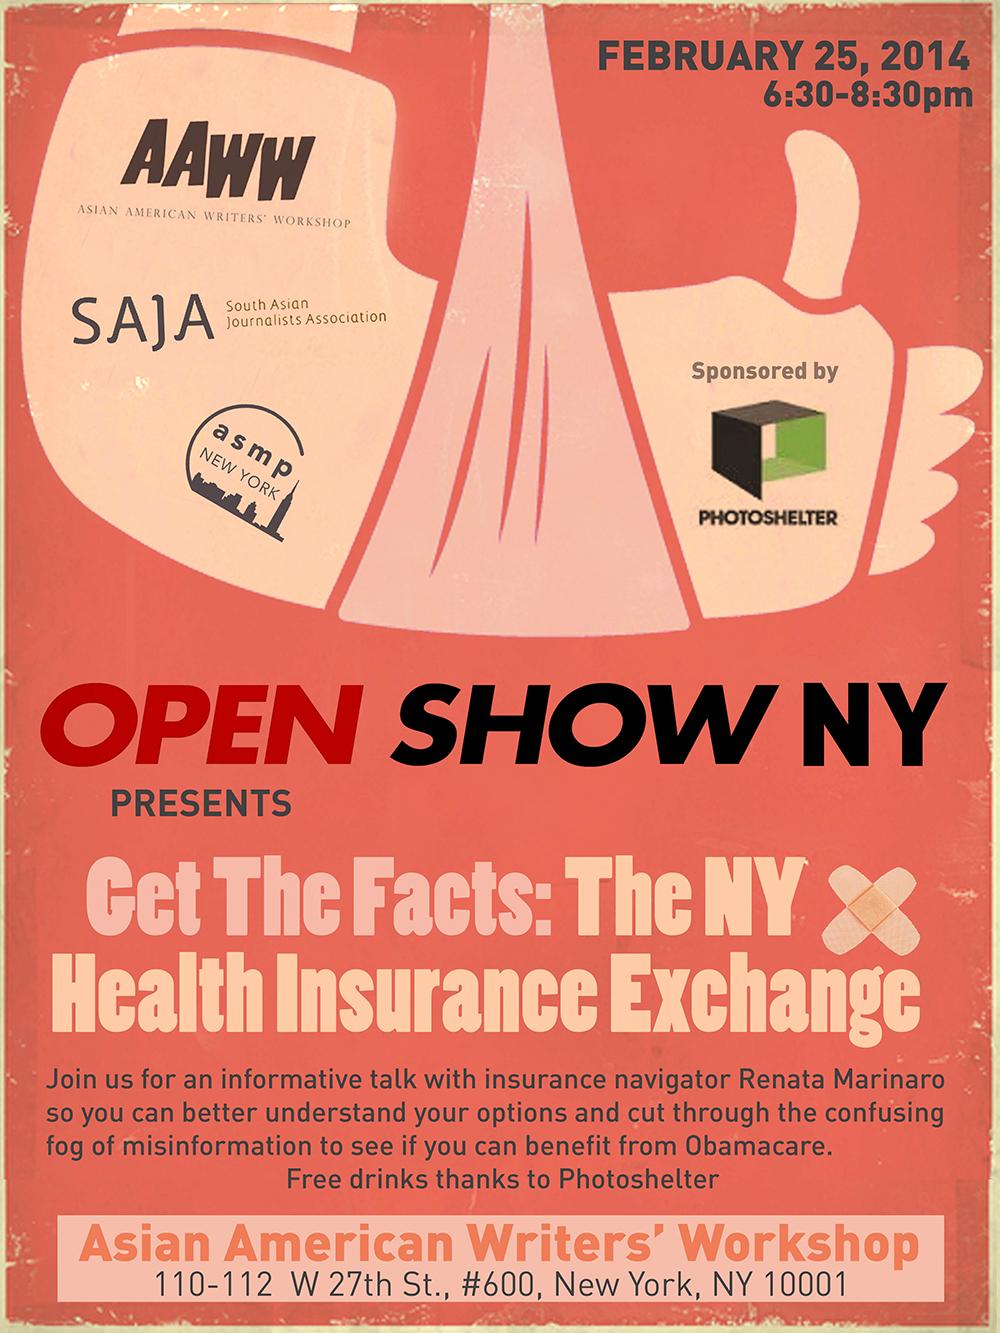 openshow-health-FEB-25th_1000px.jpg